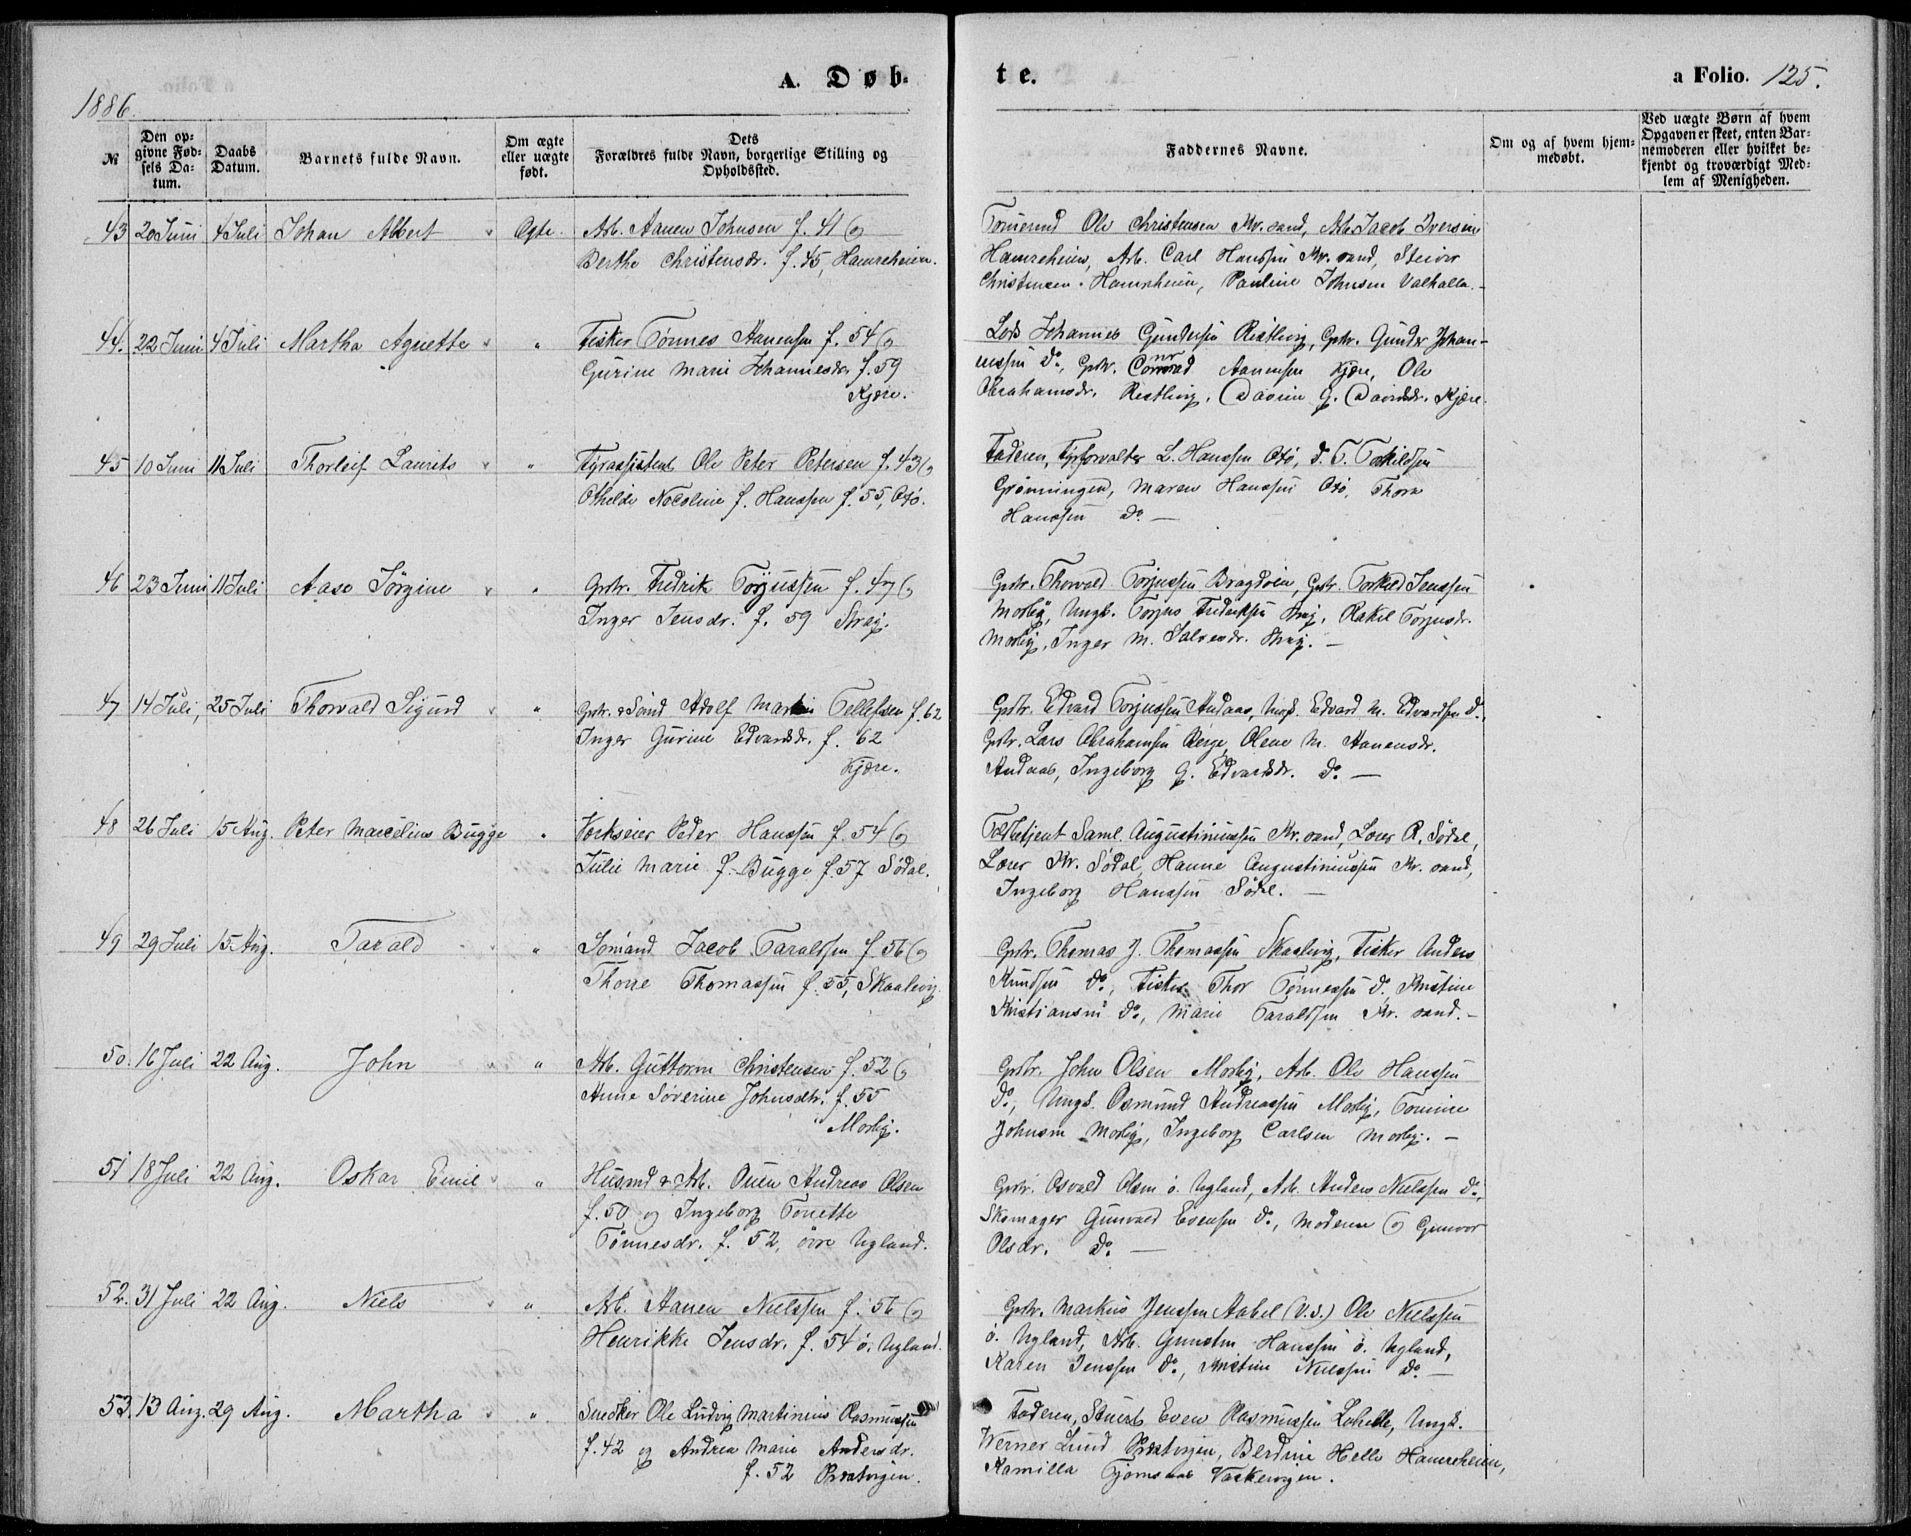 SAK, Oddernes sokneprestkontor, F/Fb/Fba/L0007: Klokkerbok nr. B 7, 1869-1887, s. 125